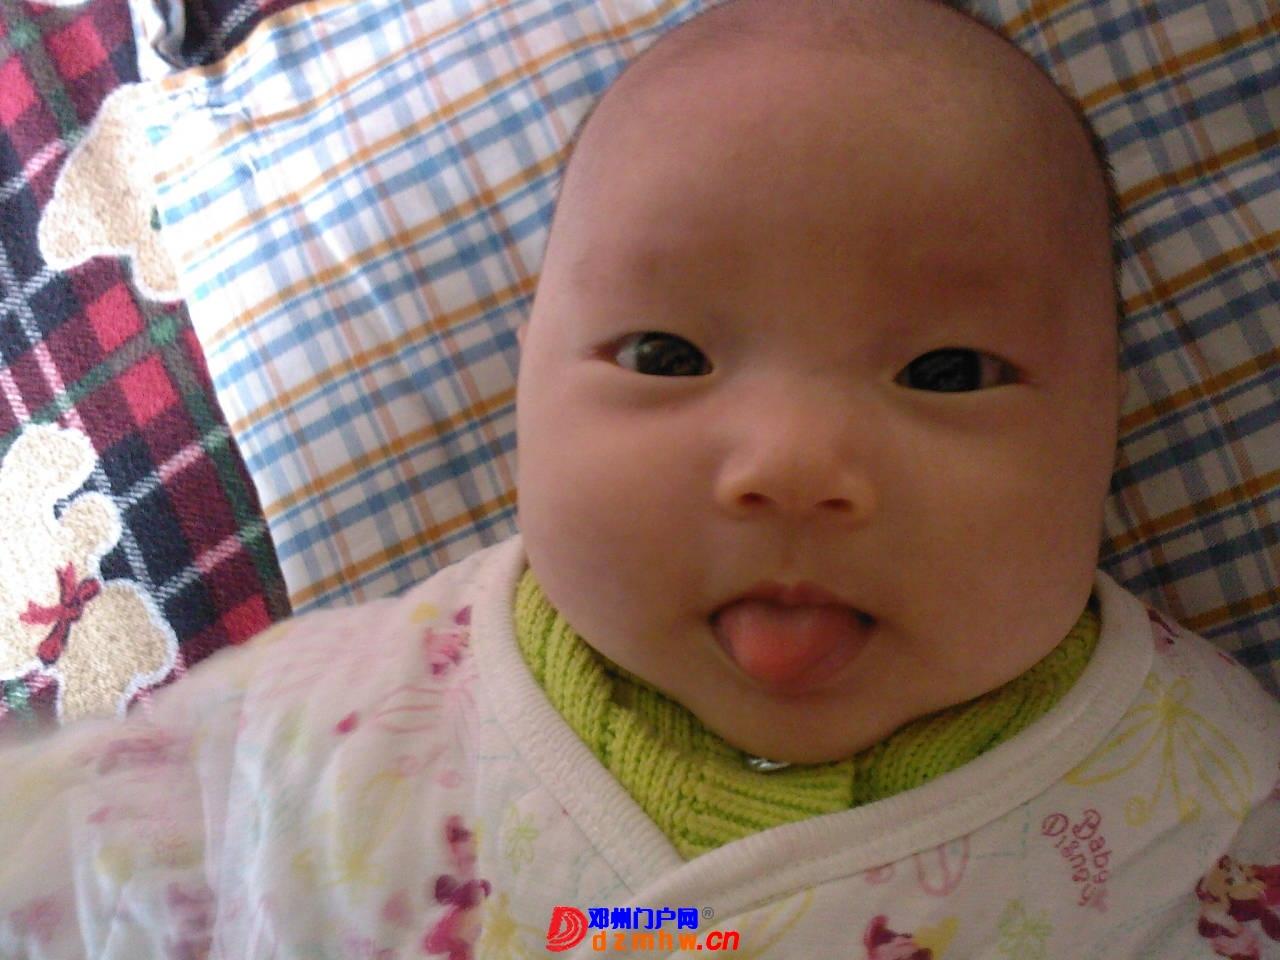 我的宝宝四十六天了,来晒一晒,看谁认识,呵呵 - 邓州门户网 邓州网 - 1001331q15ff3.jpg